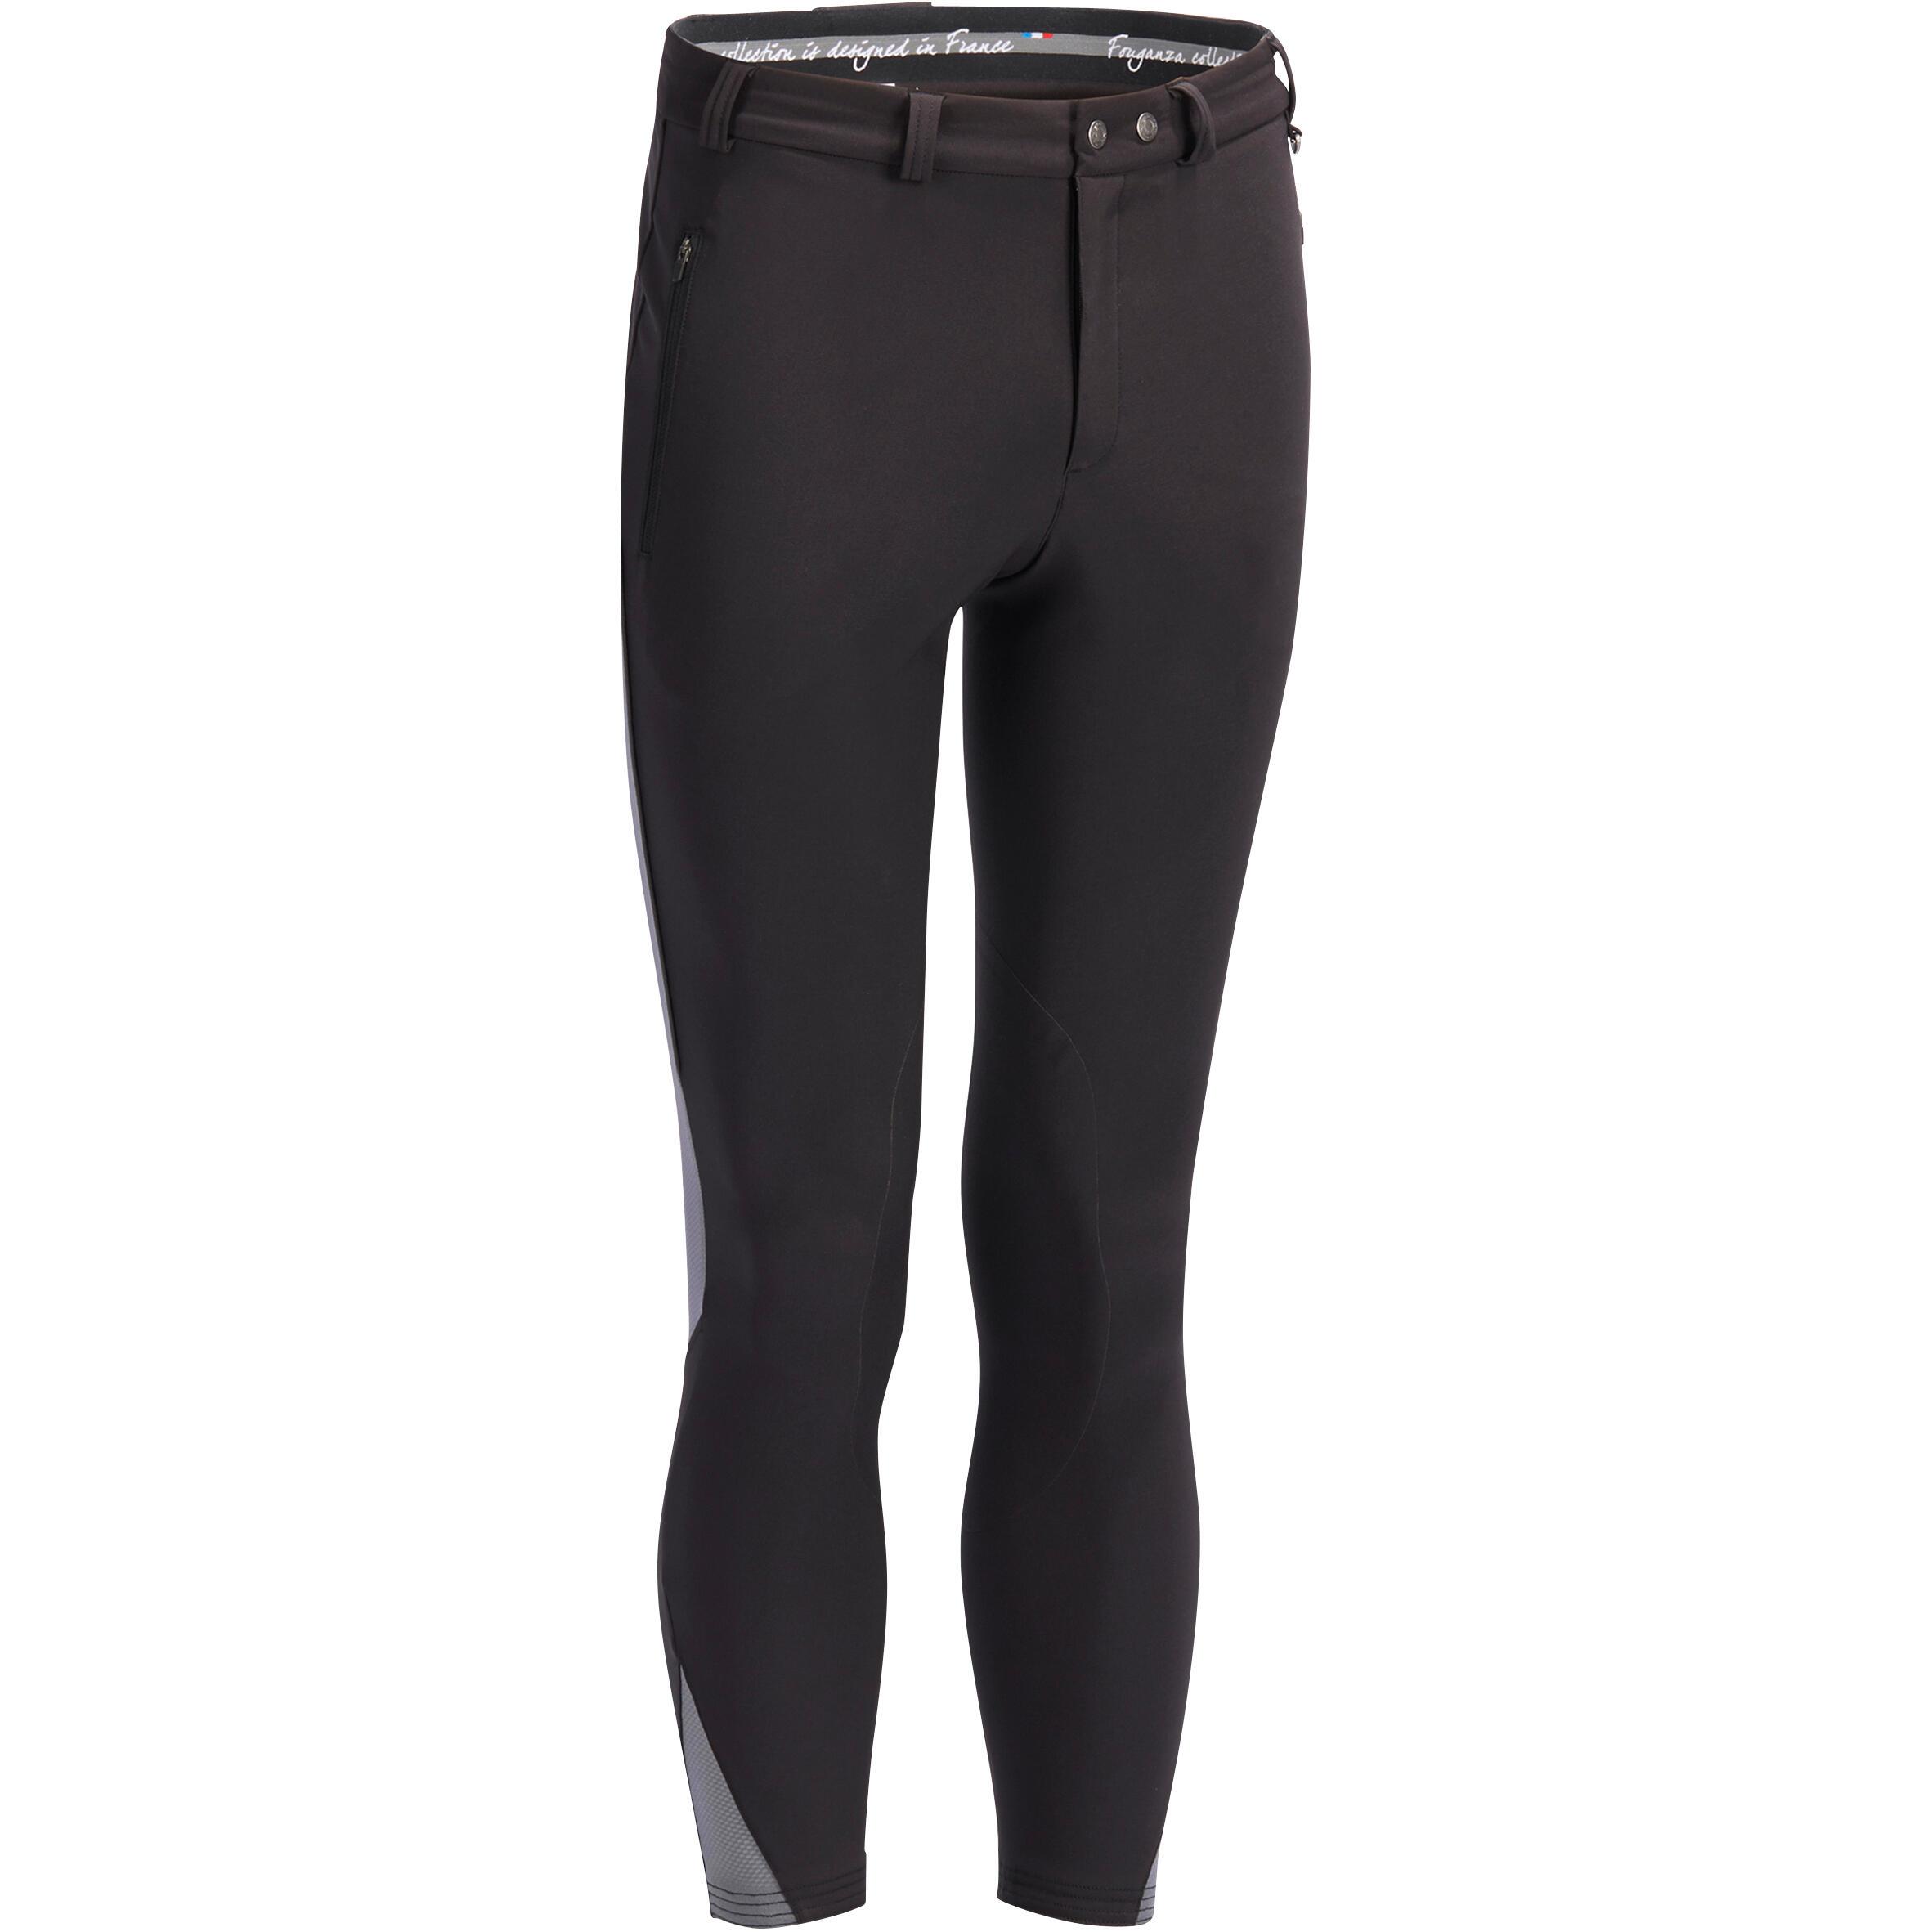 Pantalon équitation homme 500 mesh noir et gris fouganza